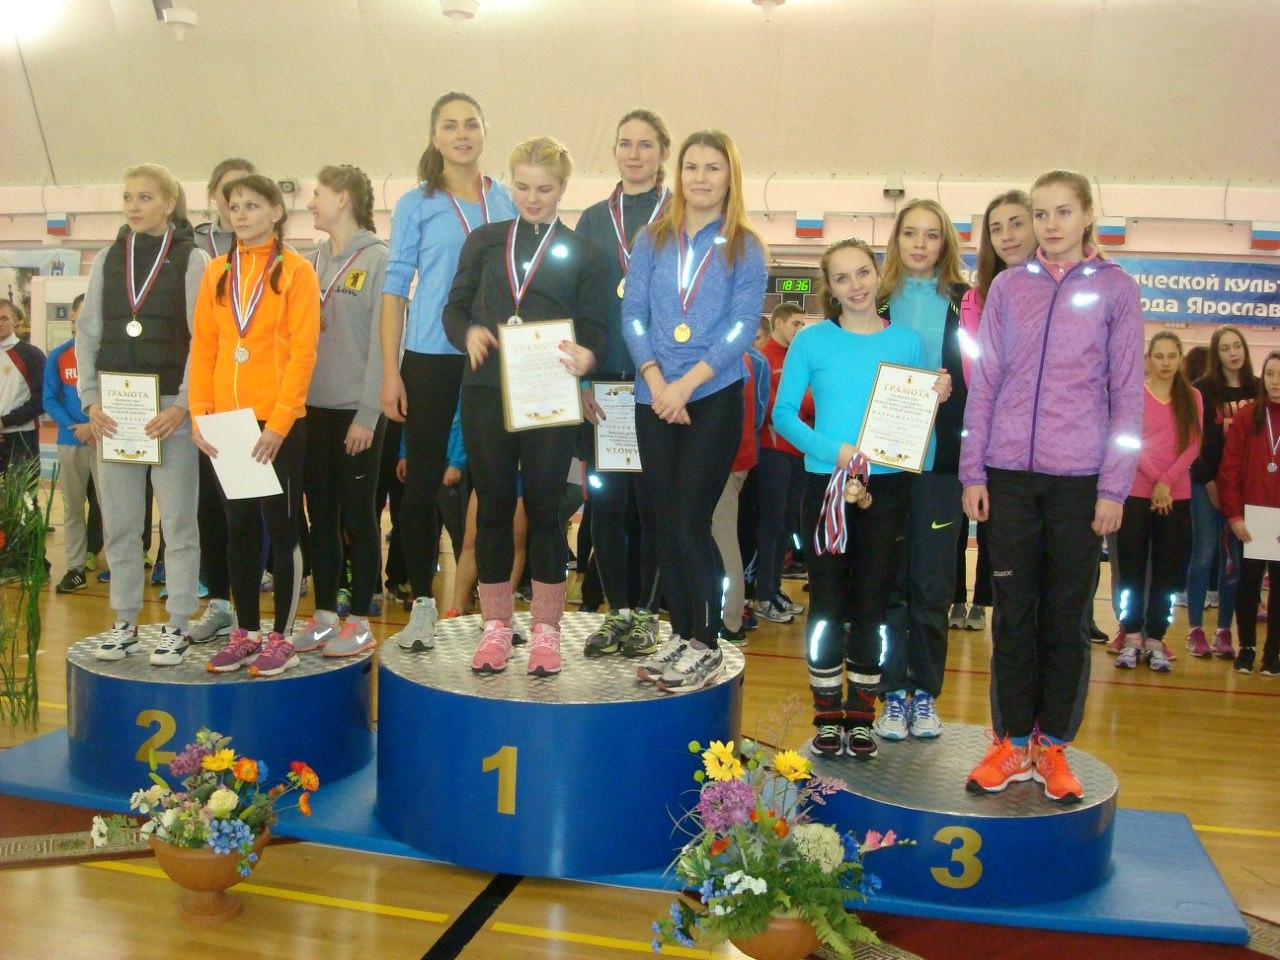 24 медали привезли вологодские легкоатлеты с Чемпионата и Первенства СЗФО